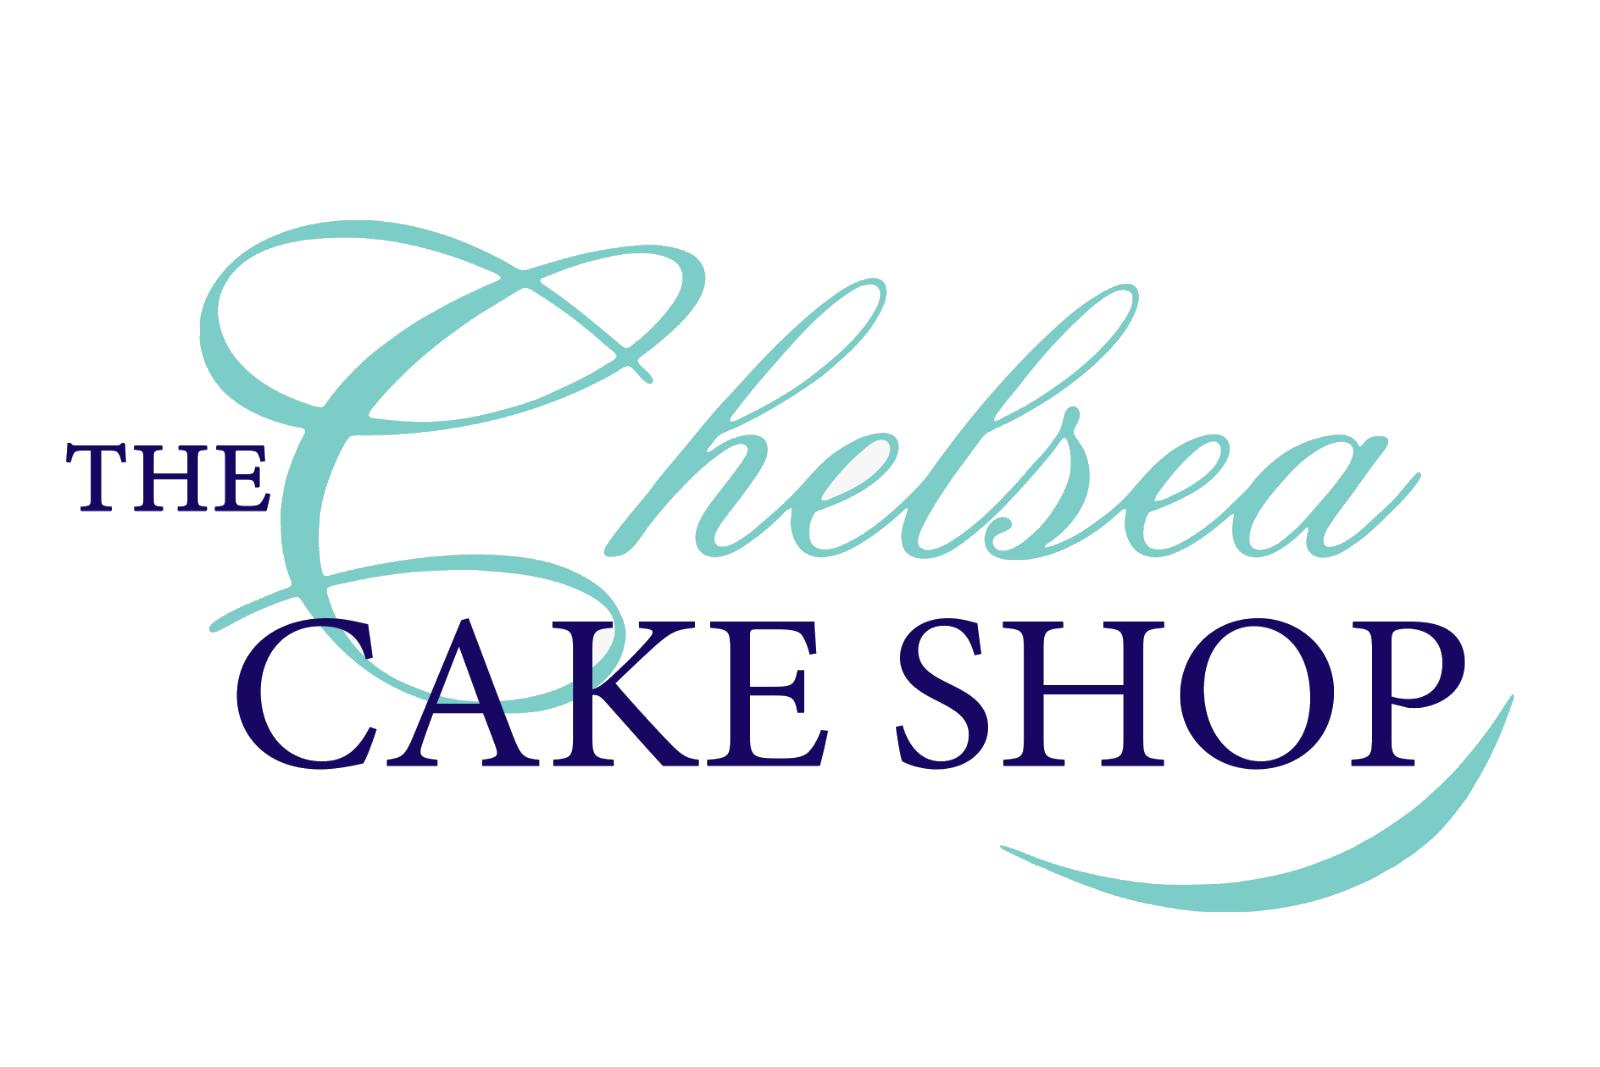 Chelsea Cake Shop Logo